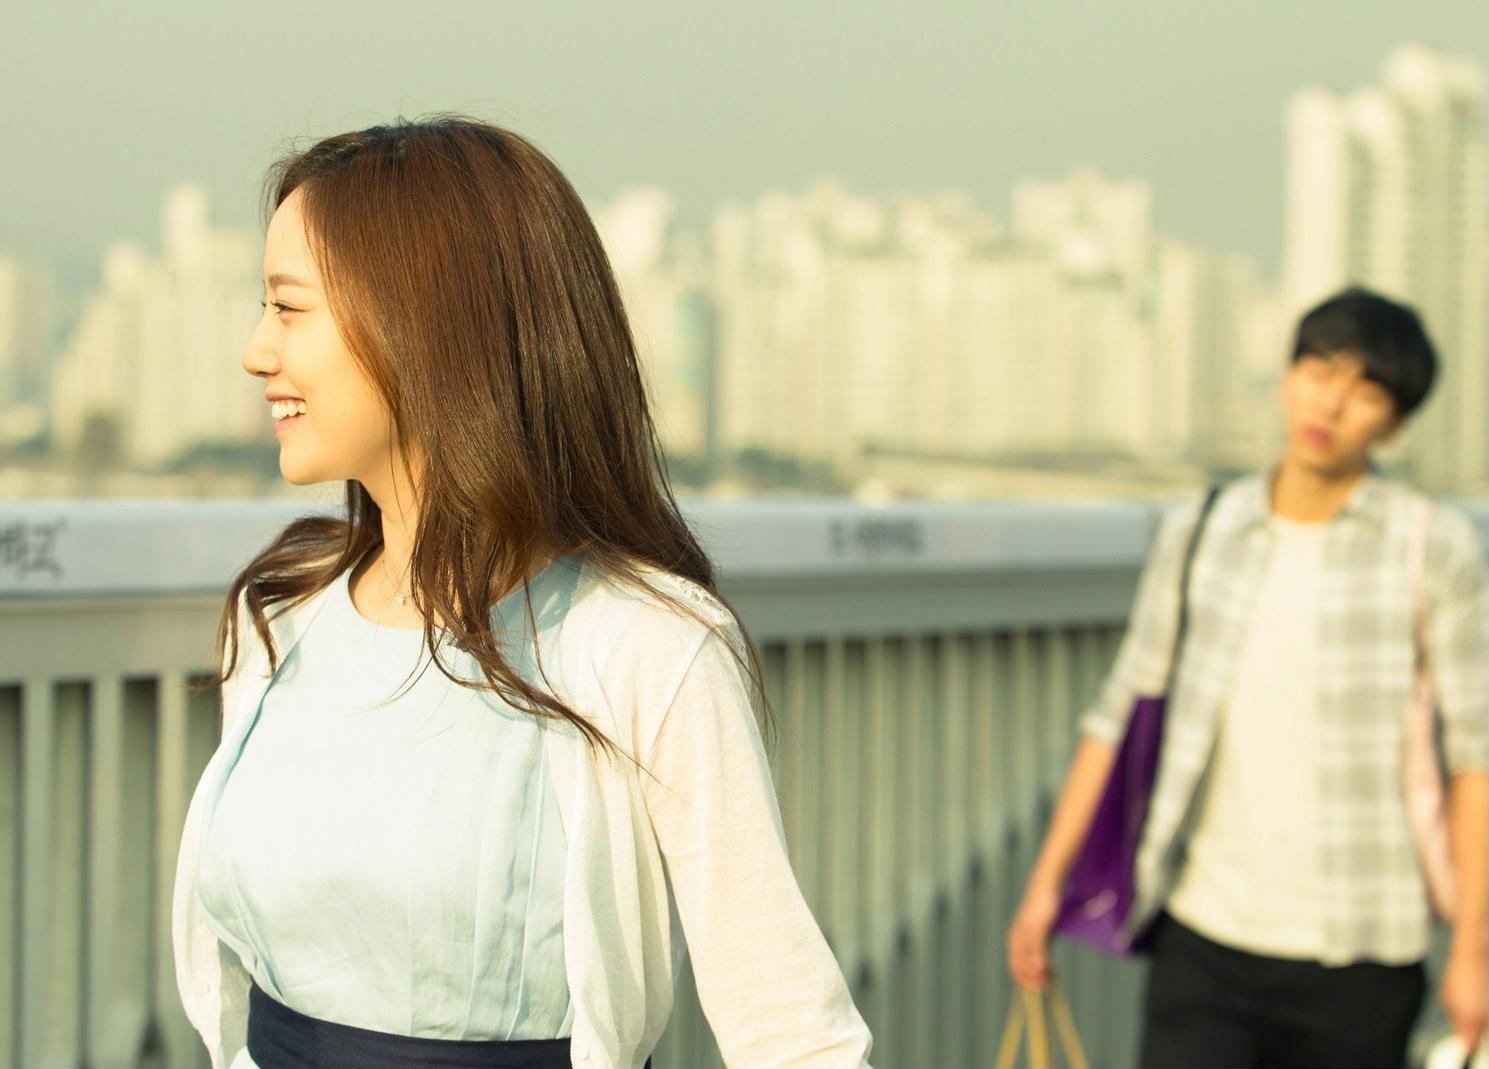 Cách giúp phụ nữ lấy được người chồng tốt: Chỉ cần nhìn những điều này của đàn ông khi yêu - Ảnh 6